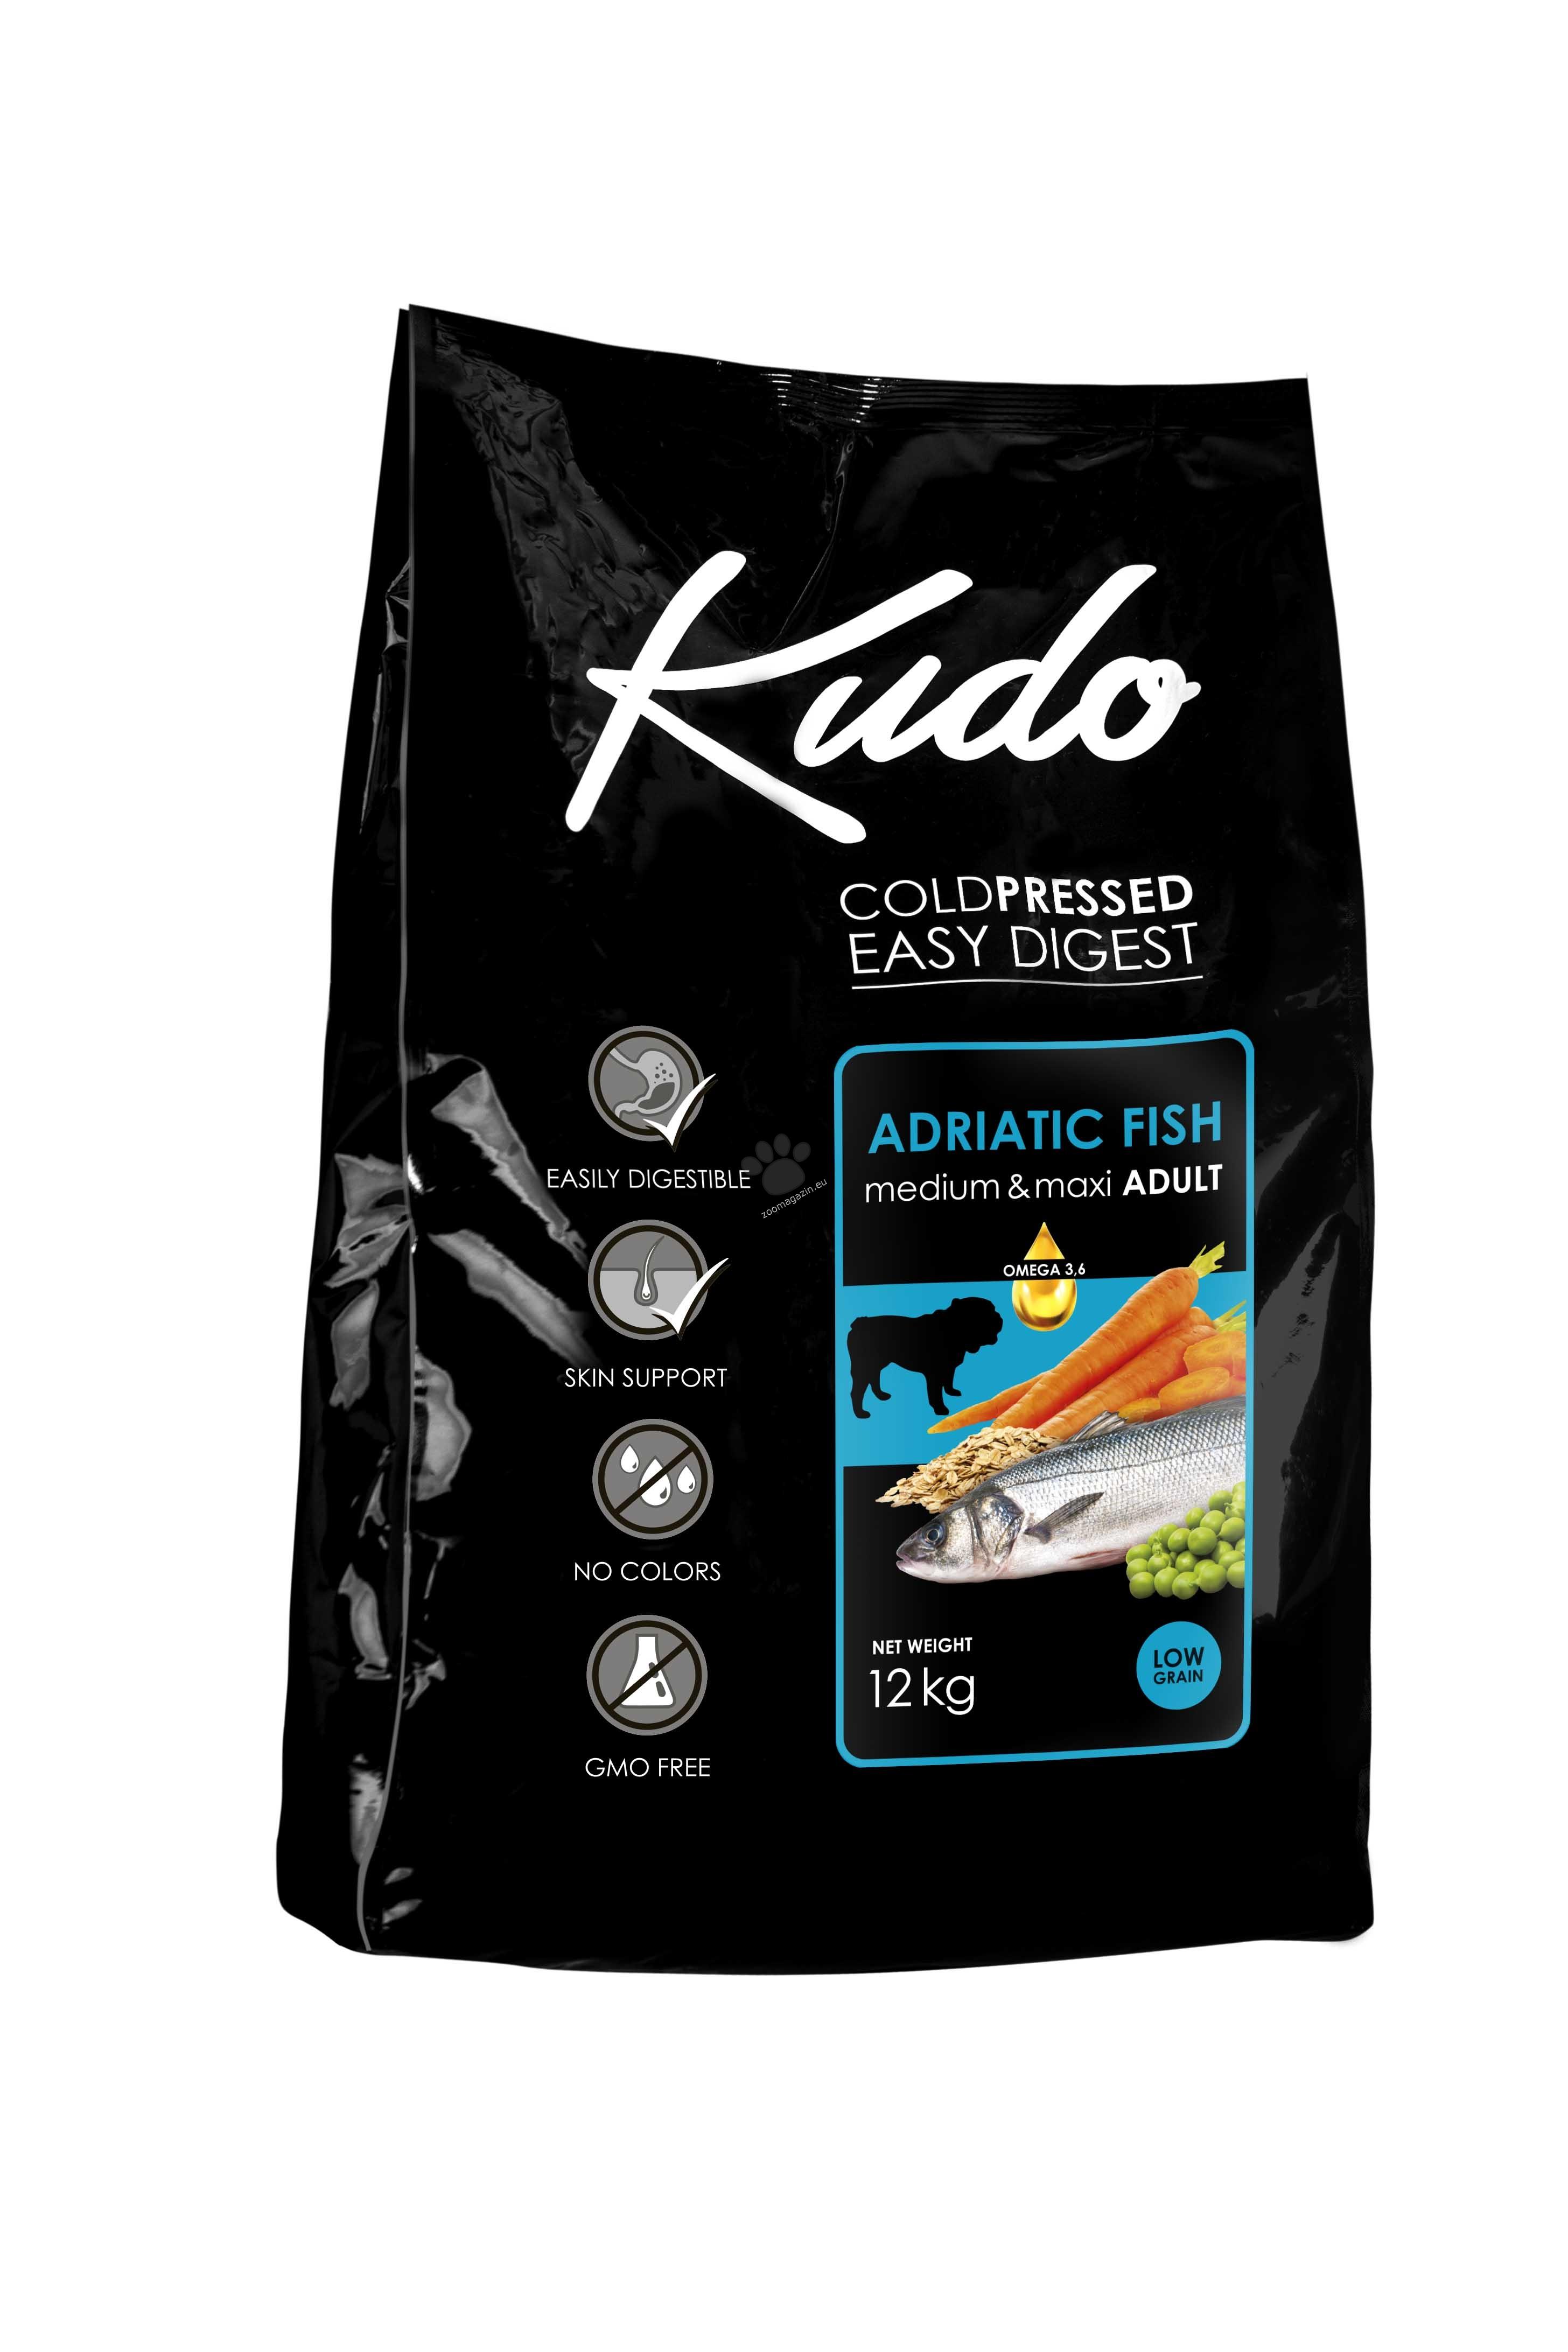 Kudo Low Grain Adriatic Fish Meduim-Maxi Adult - балансирана суха храна за израснали кучета от средни и големи породи над 12 месеца 12 кг.